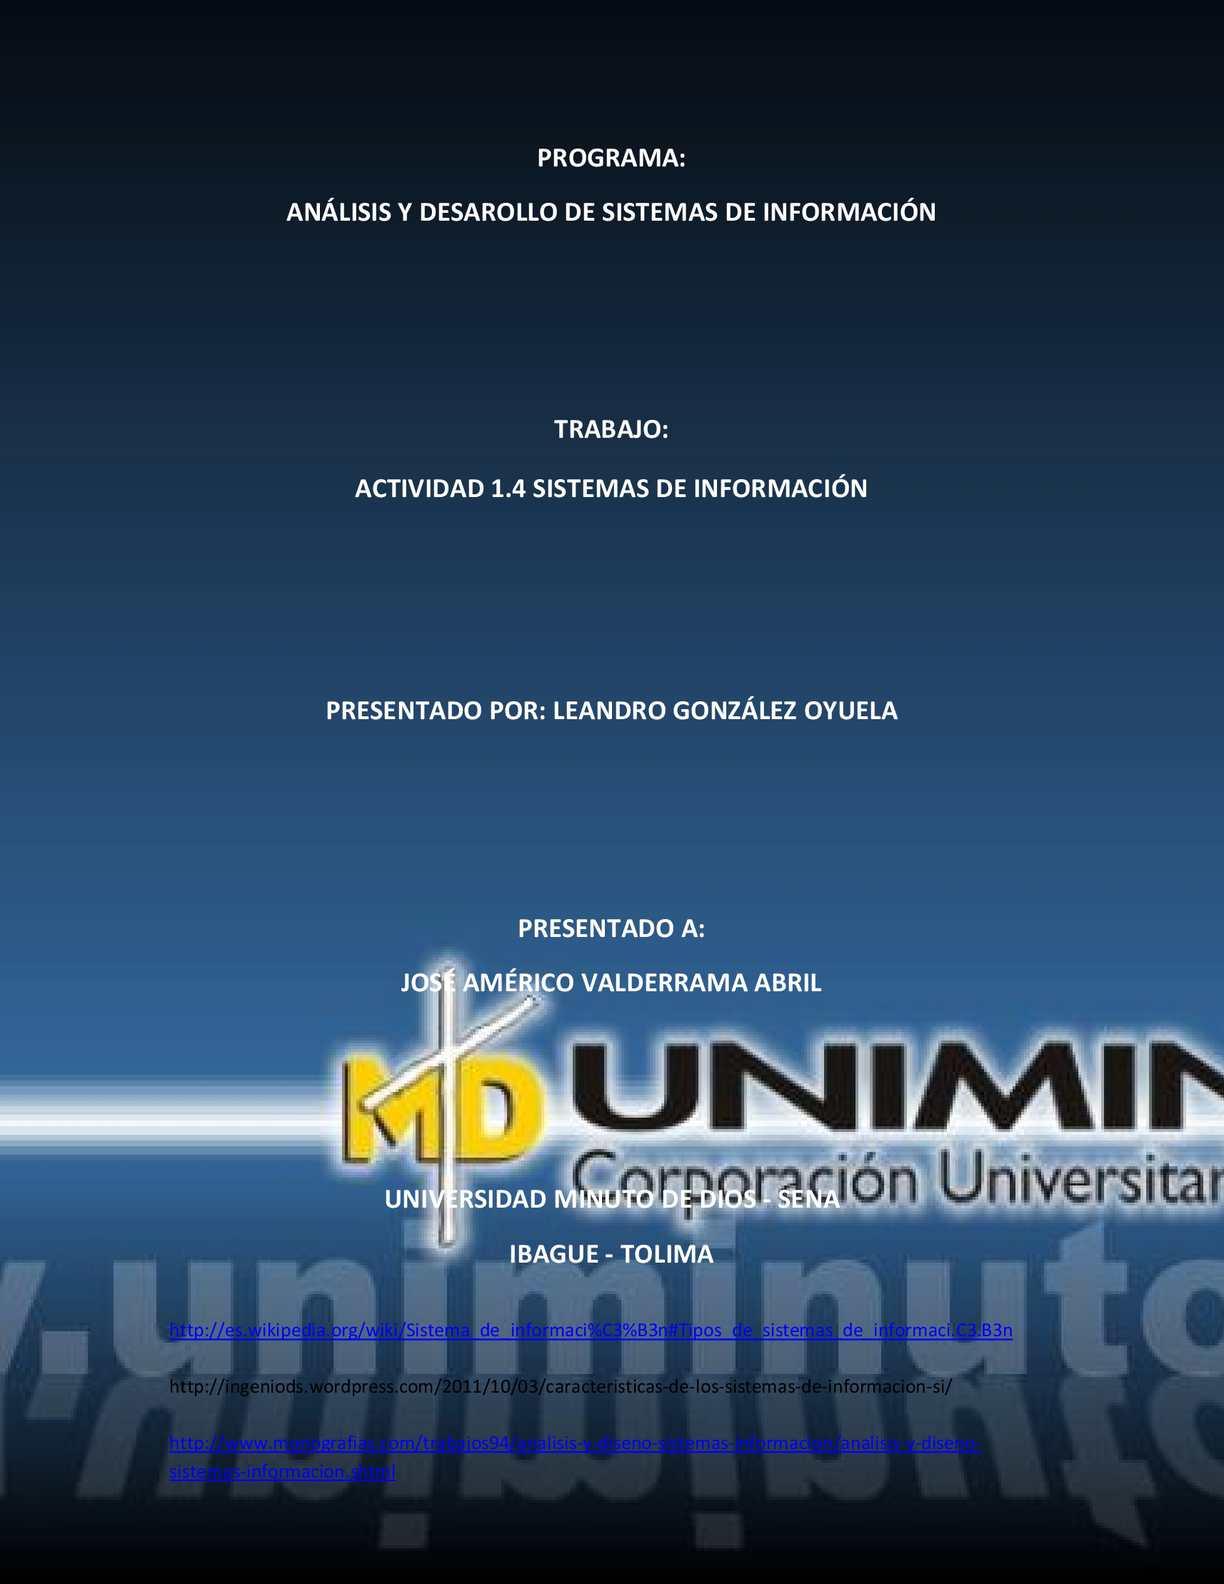 Actividad 1.4 Sistemas de Informacion, Leandro González Oyuela